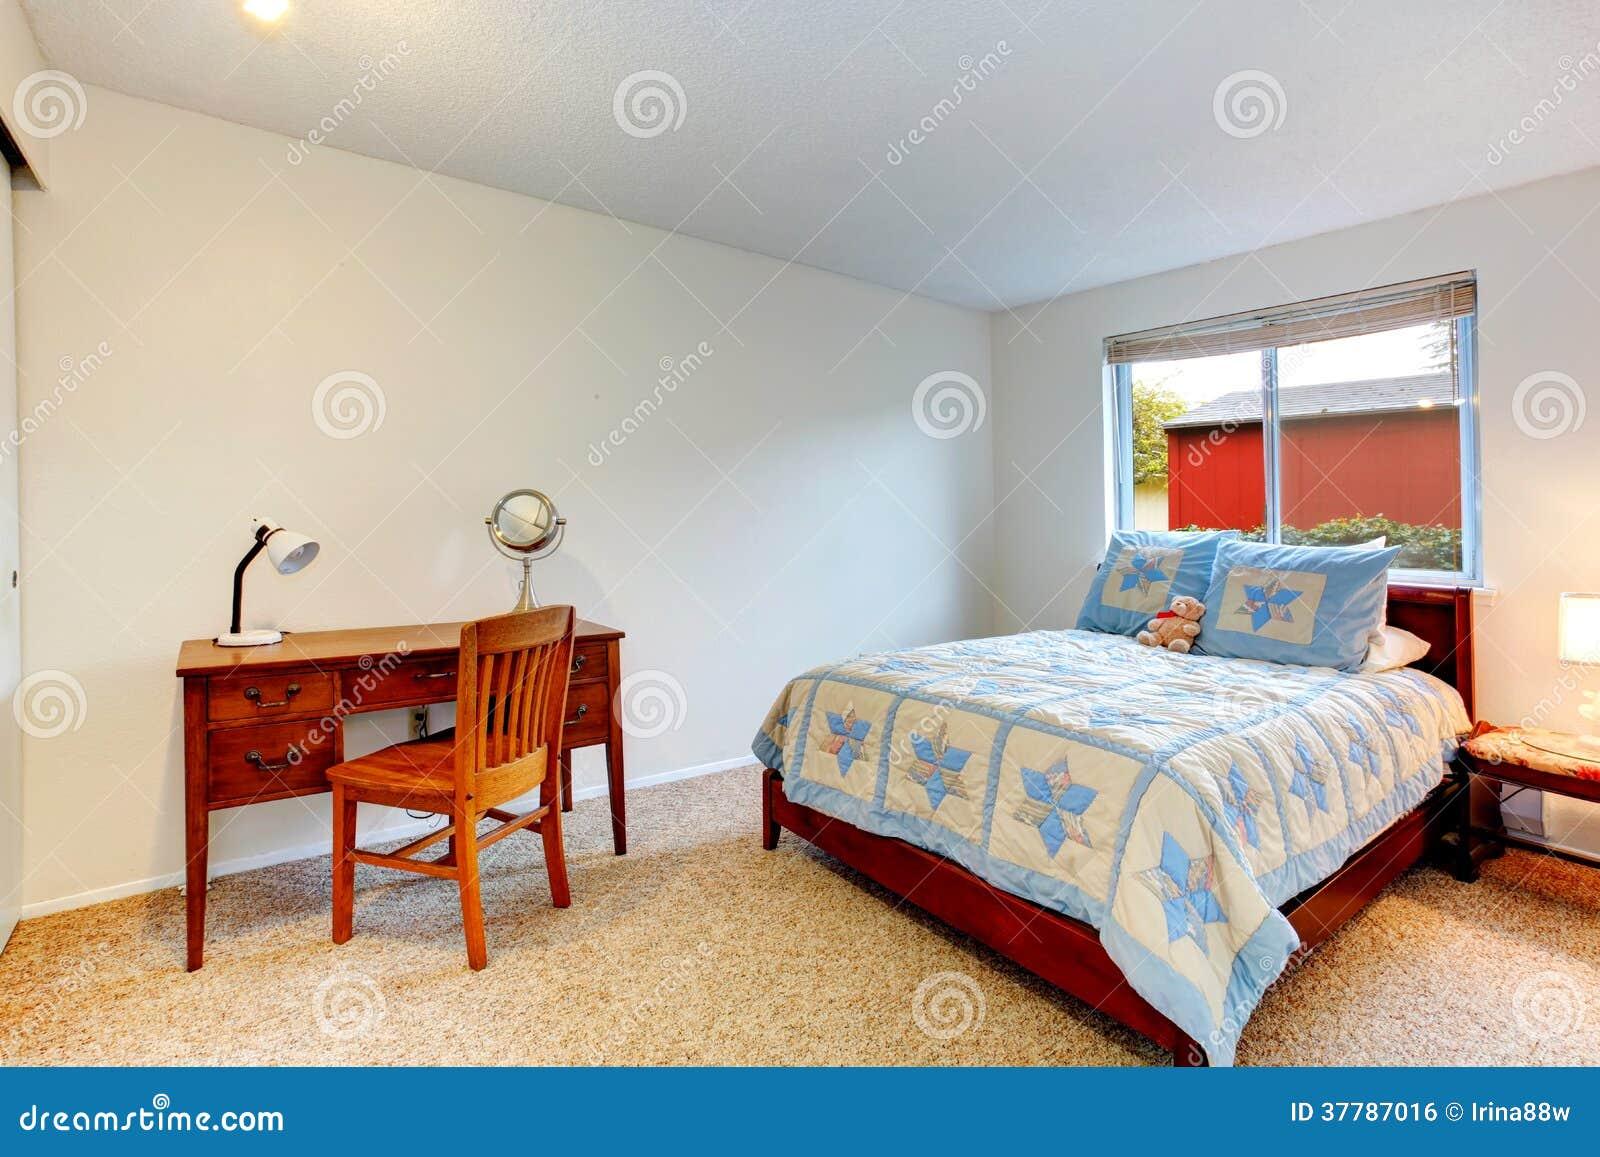 Gemütliches Schlafzimmer Mit Schreibtisch Stockfoto - Bild von ...